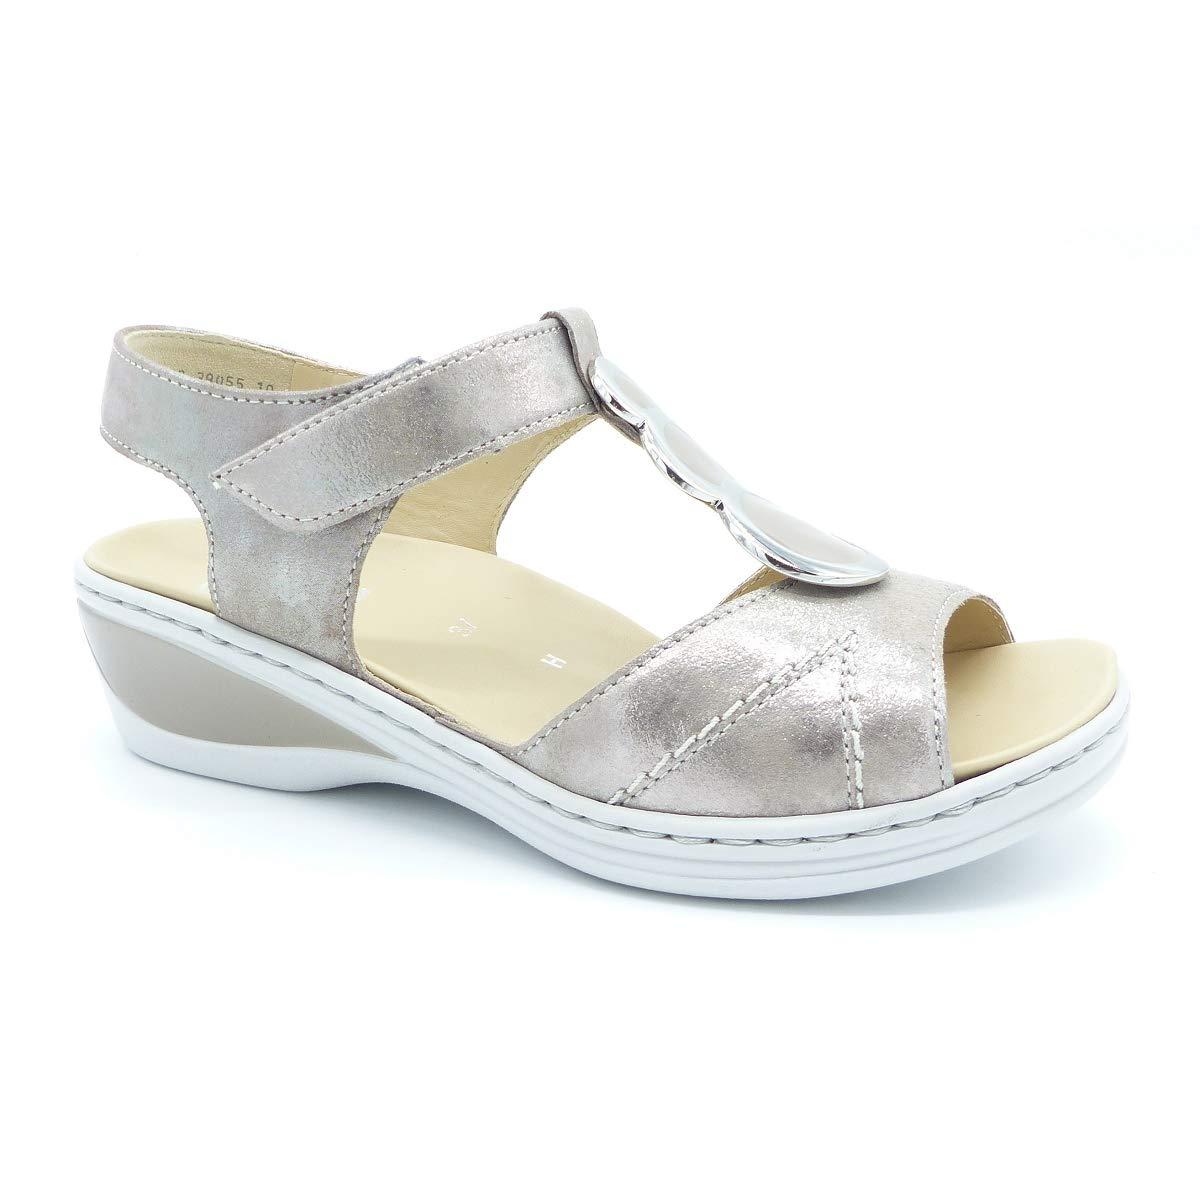 Beige ARA Damen Sandaletten 12-39055-10 beige 613818